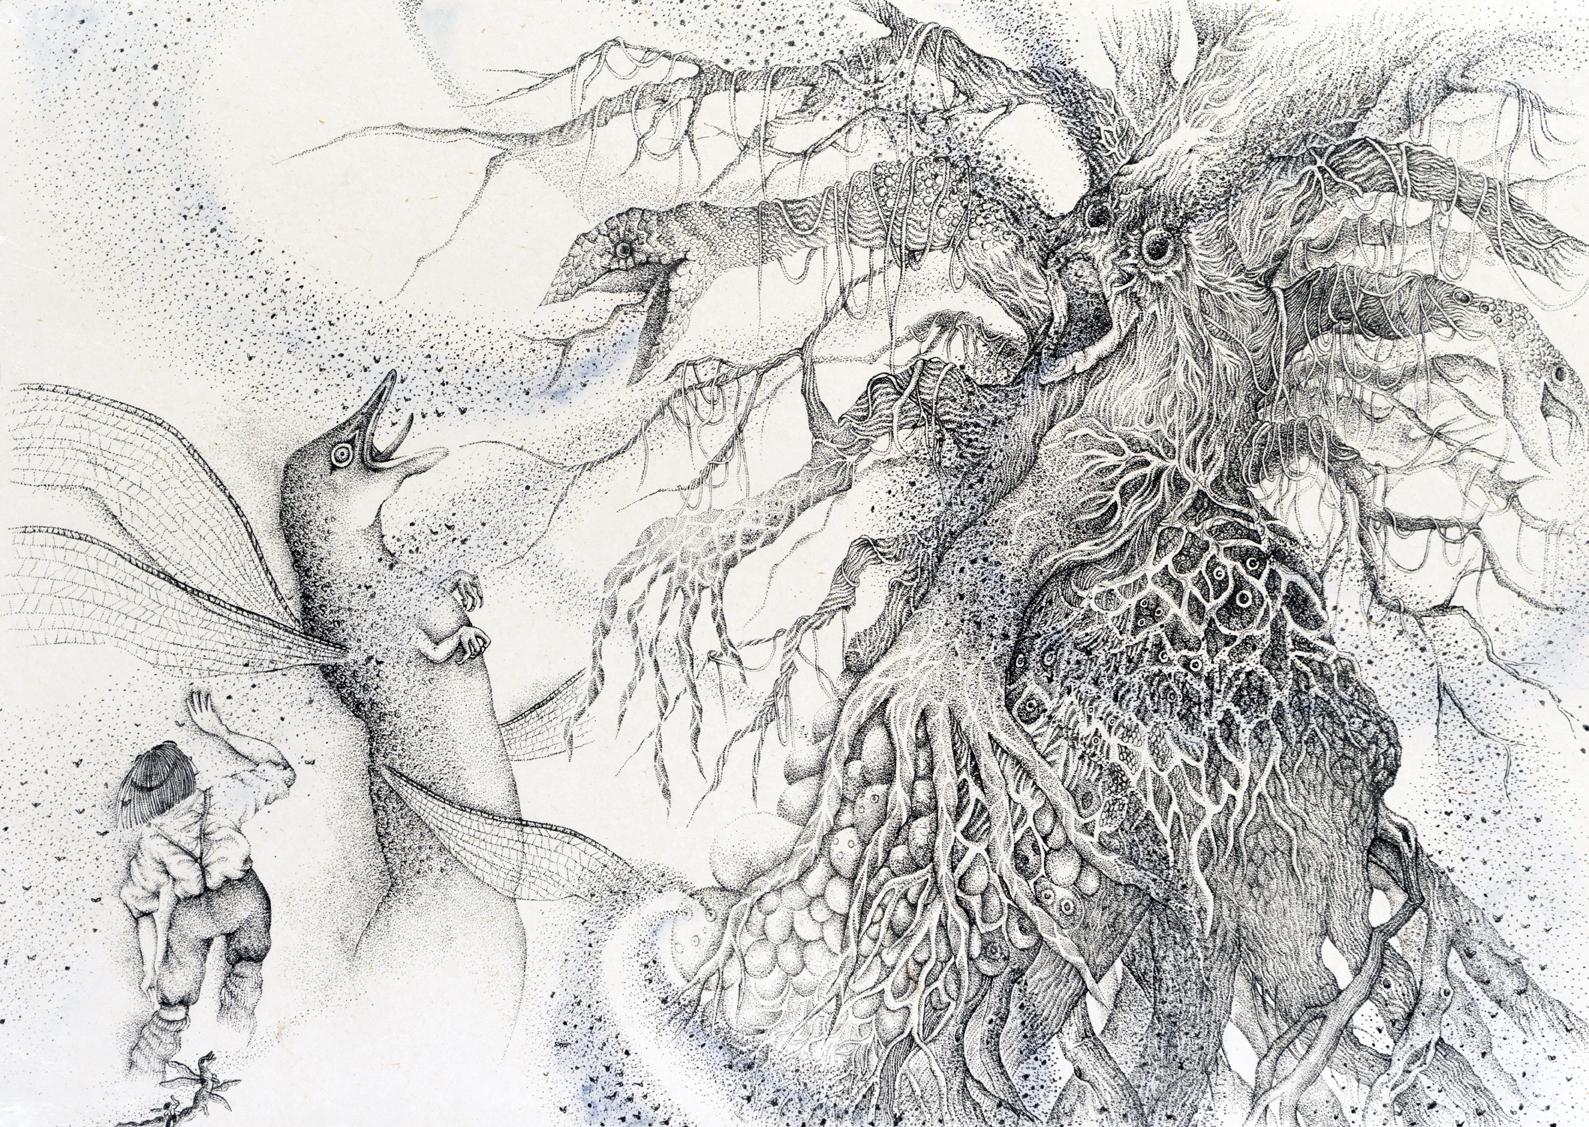 『少年と光の木』虫を吐く The boy and the tree of light -Blow out bugs - w630×h450mm 2015 lithograph